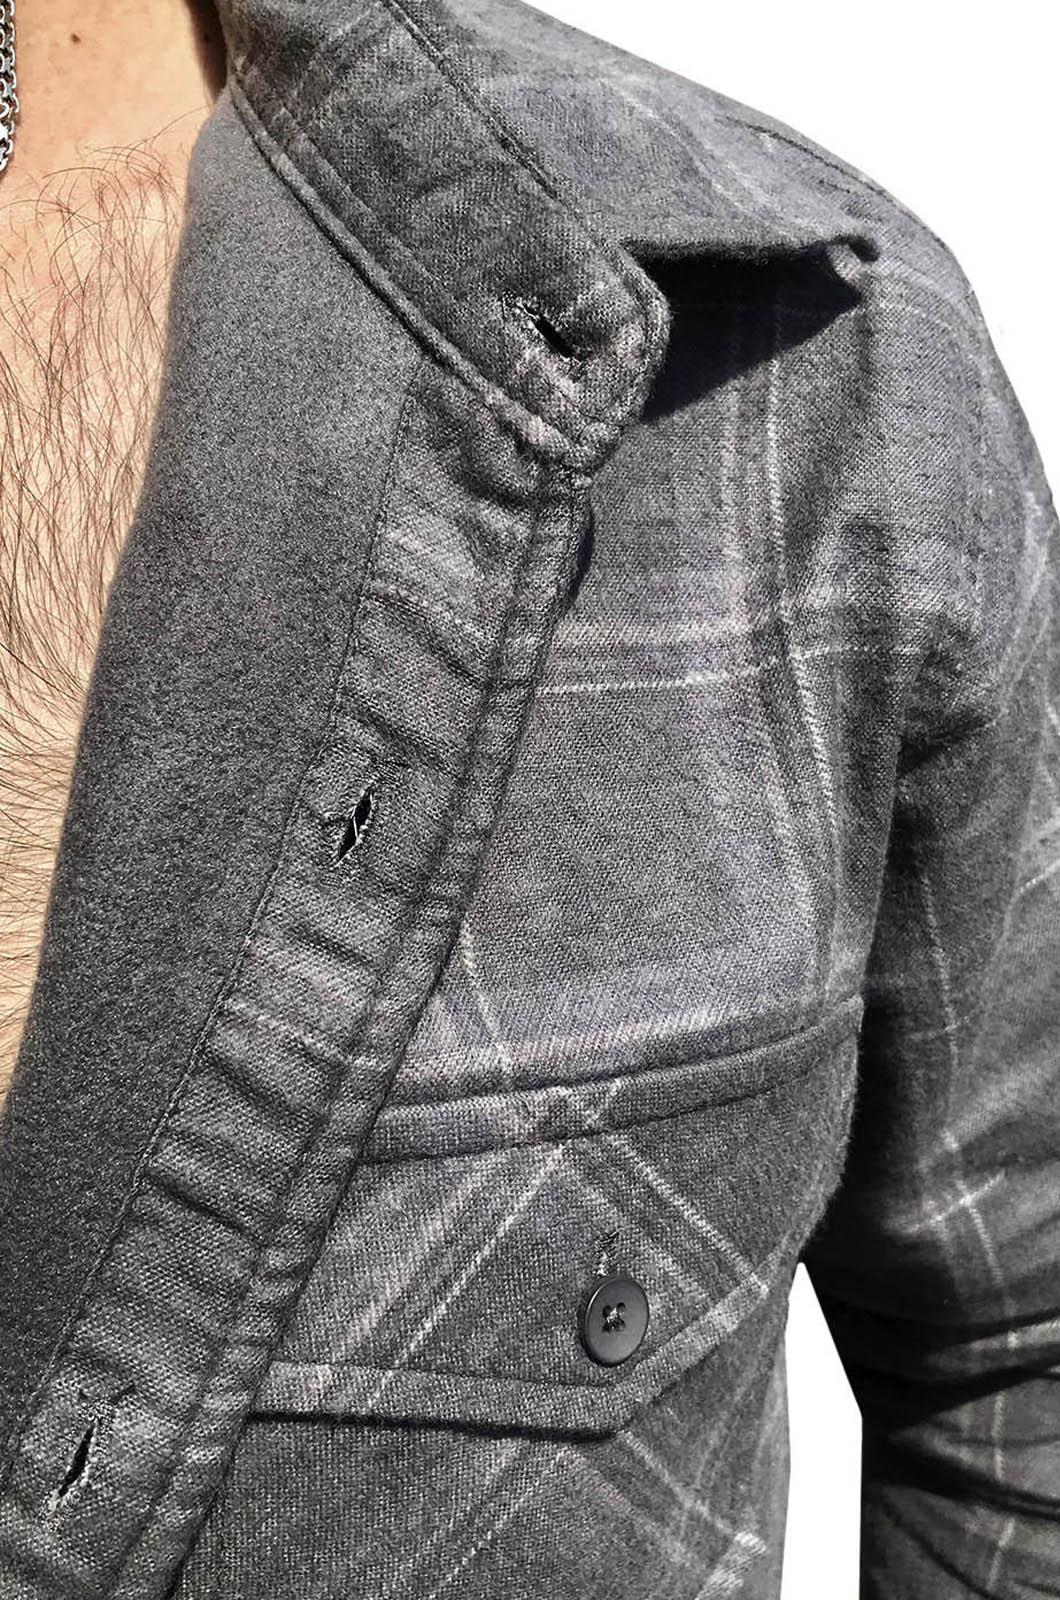 Мужская рубашка в нашивкой Военной разведки Новороссии купить в розницу